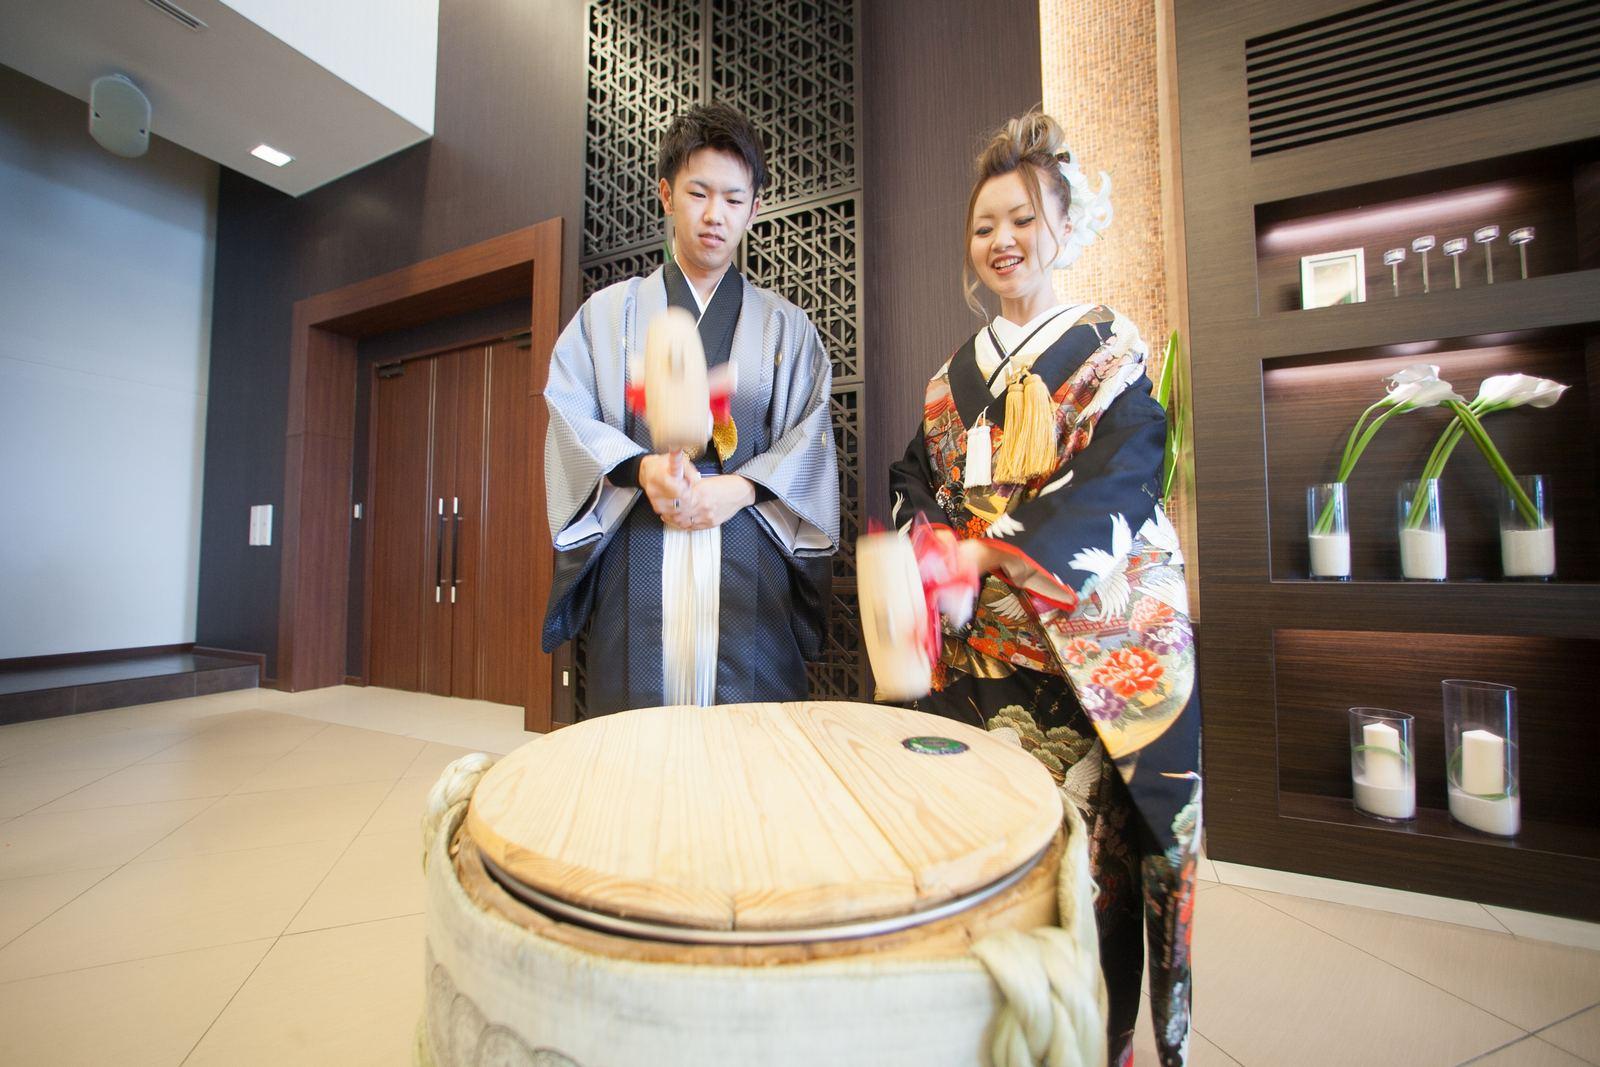 徳島市の結婚式場ブランアンジュで披露宴での鏡開きの人気演出